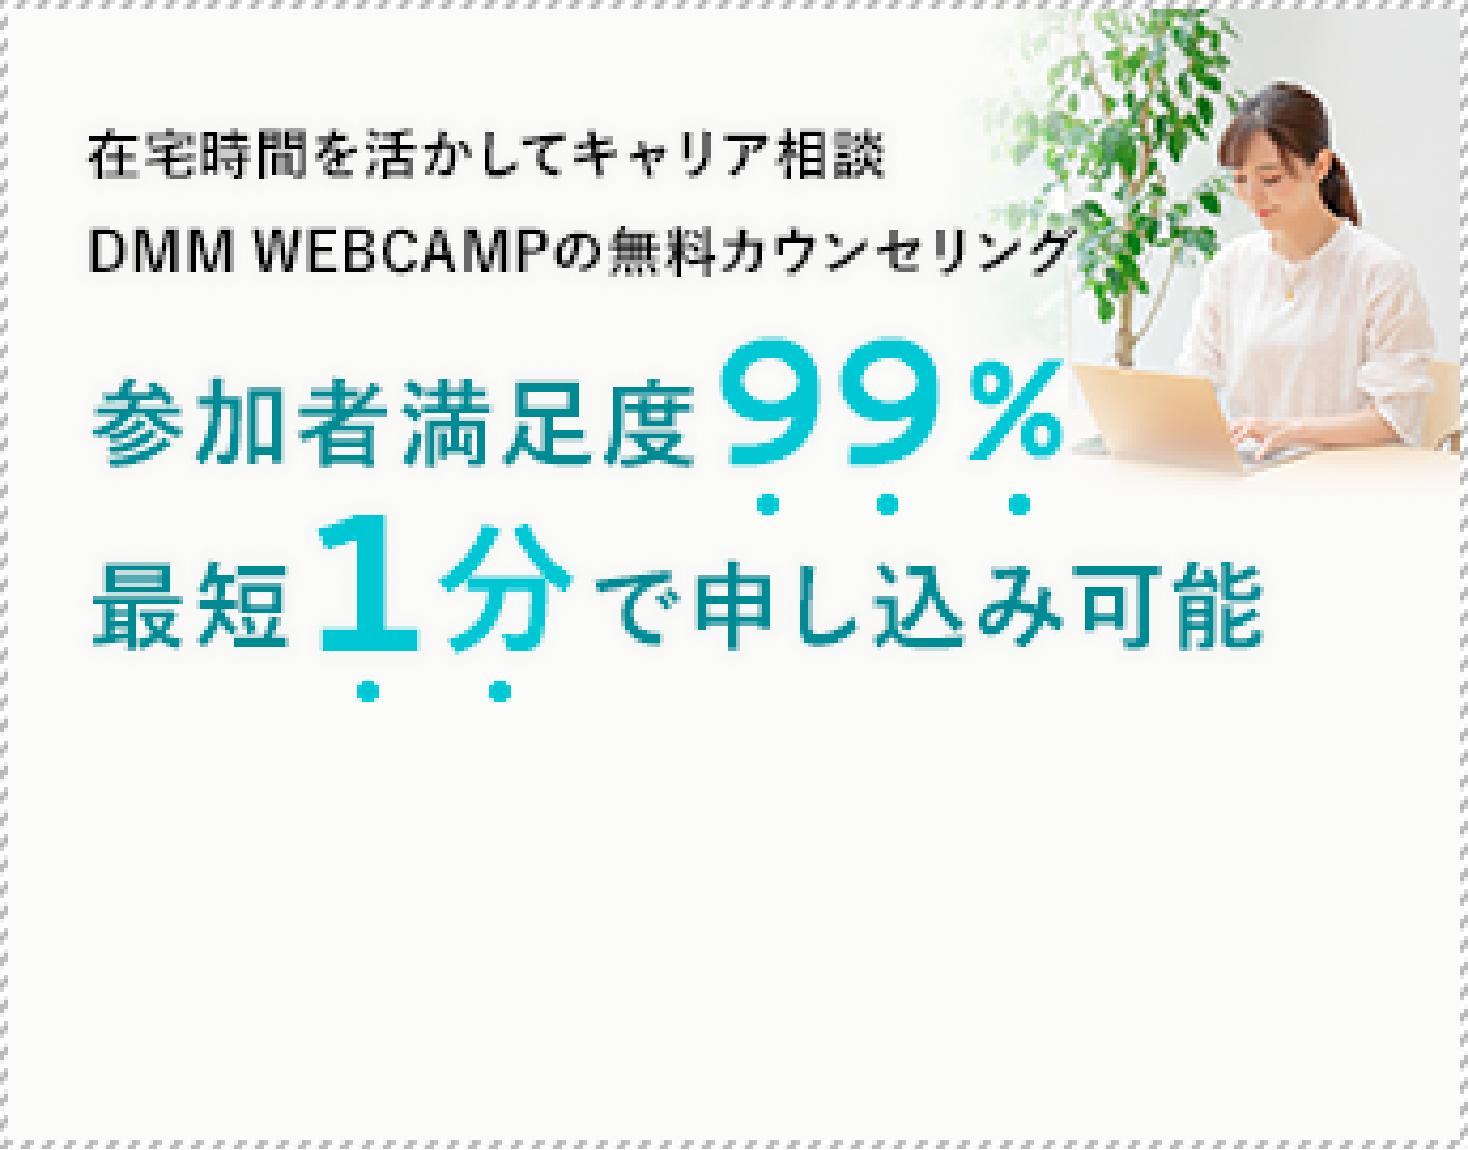 在宅時間を活かしてキャリア相談 DMM WEBCAMPの無料カウンセリング 参加者満足度99% 最短1分で申し込み可能